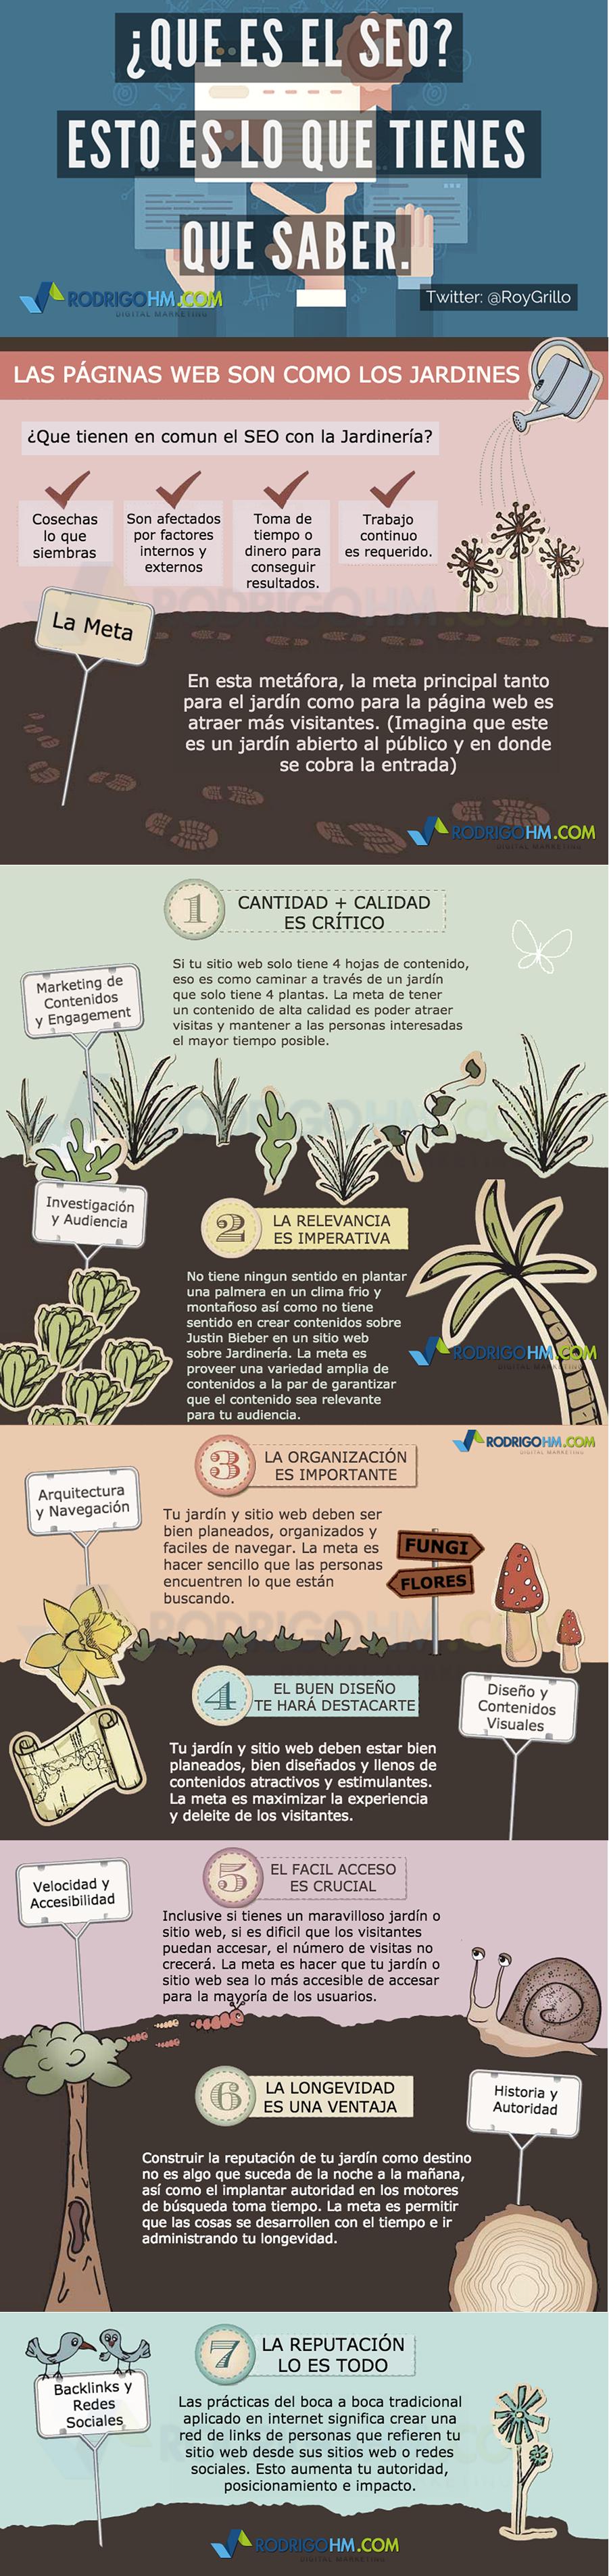 ¿Que tienen en común el SEO y la jardineria? SEO: lo que debes saber #infografia #infographic #seo